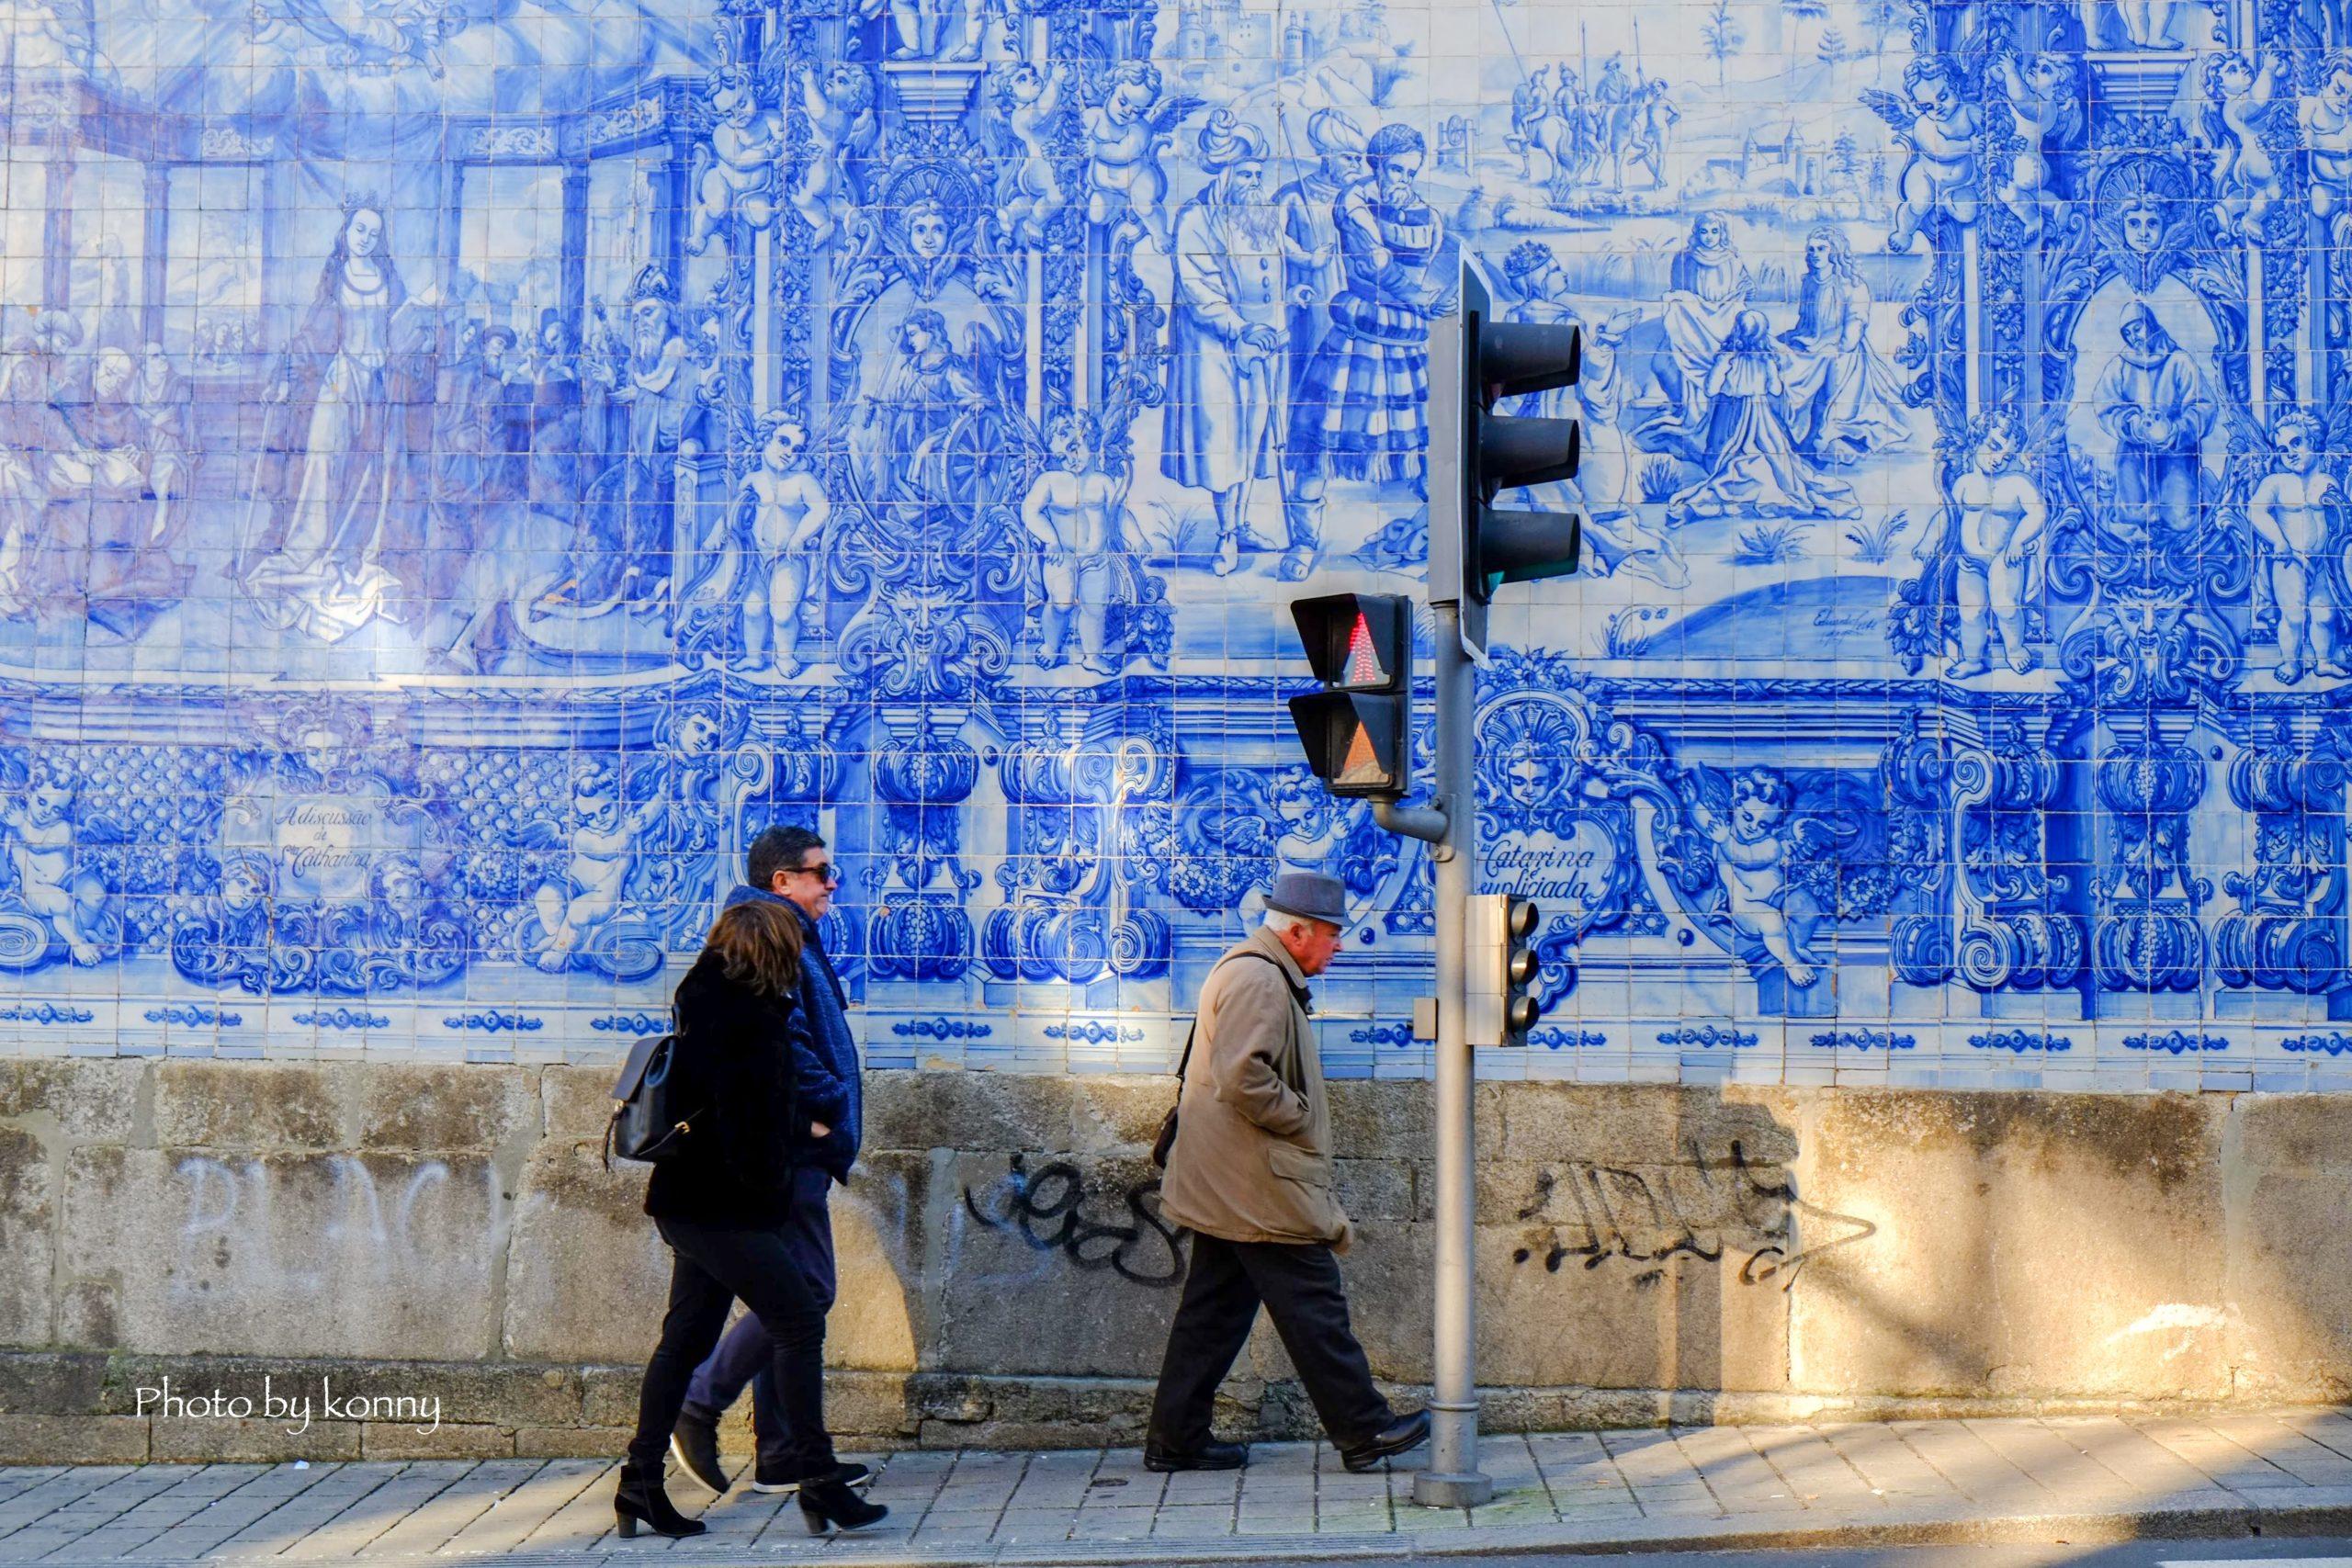 ポルトガルのタイル「アズレージョ」とは